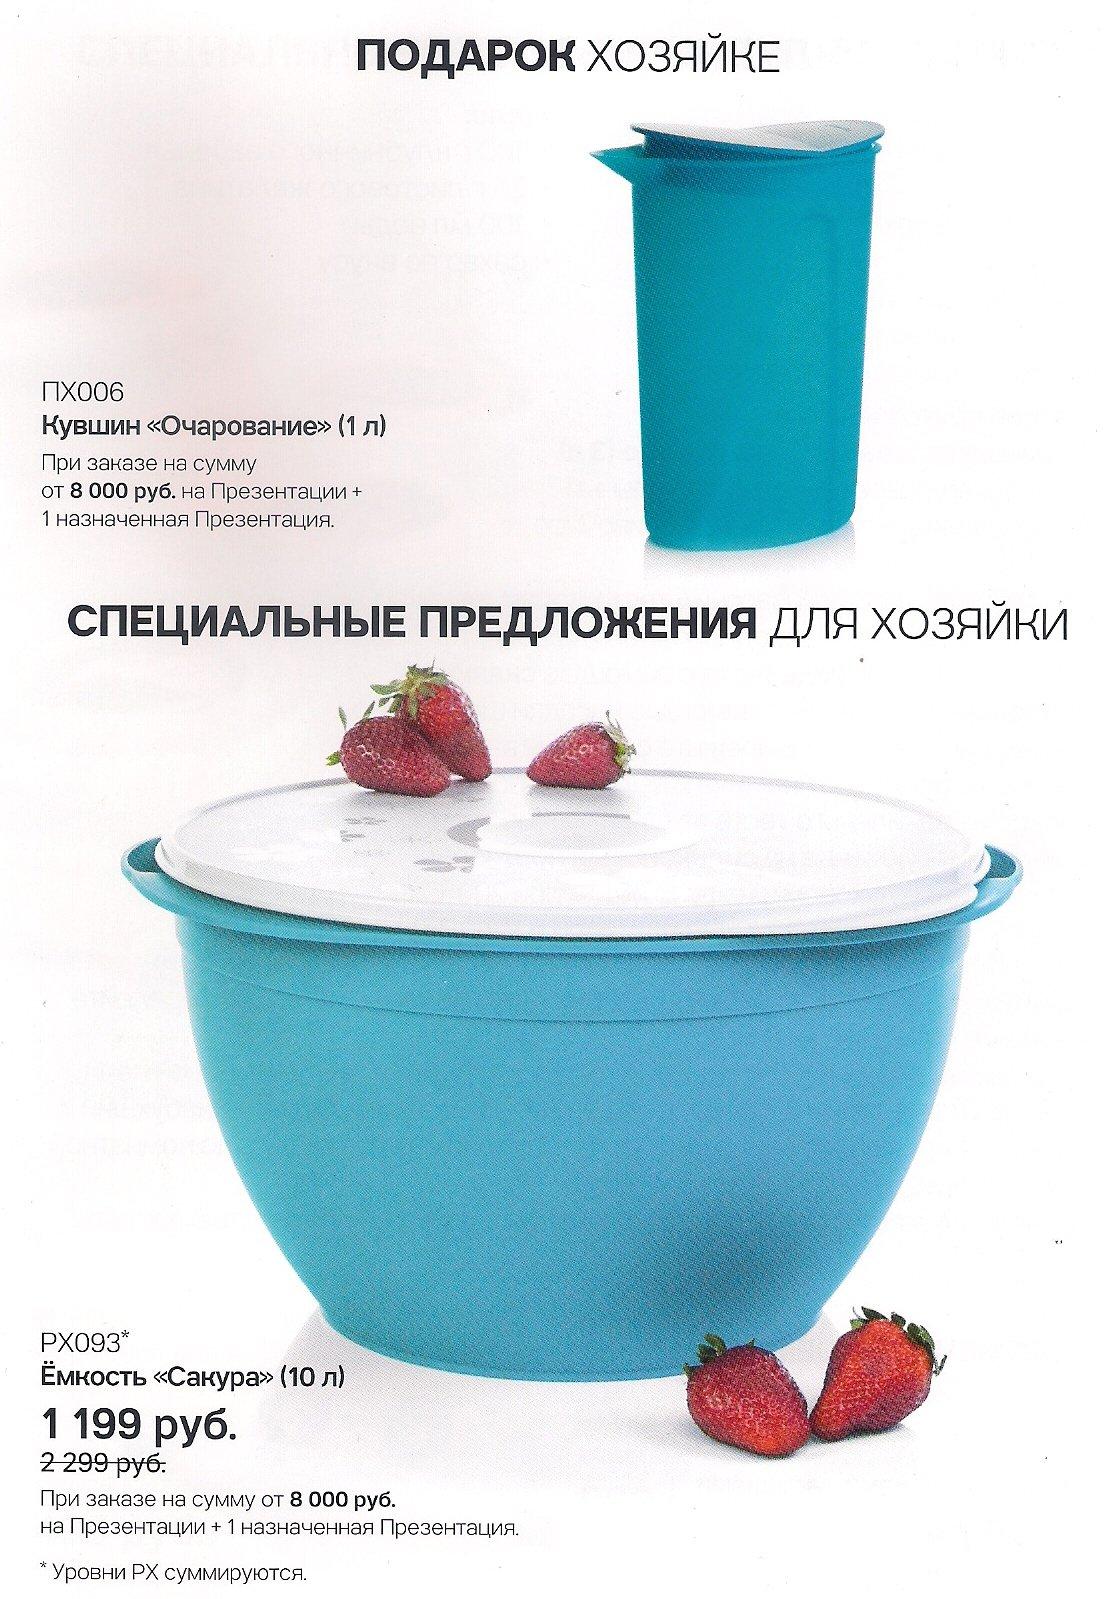 http://tupperware-online.ru/images/upload/s3.jpg